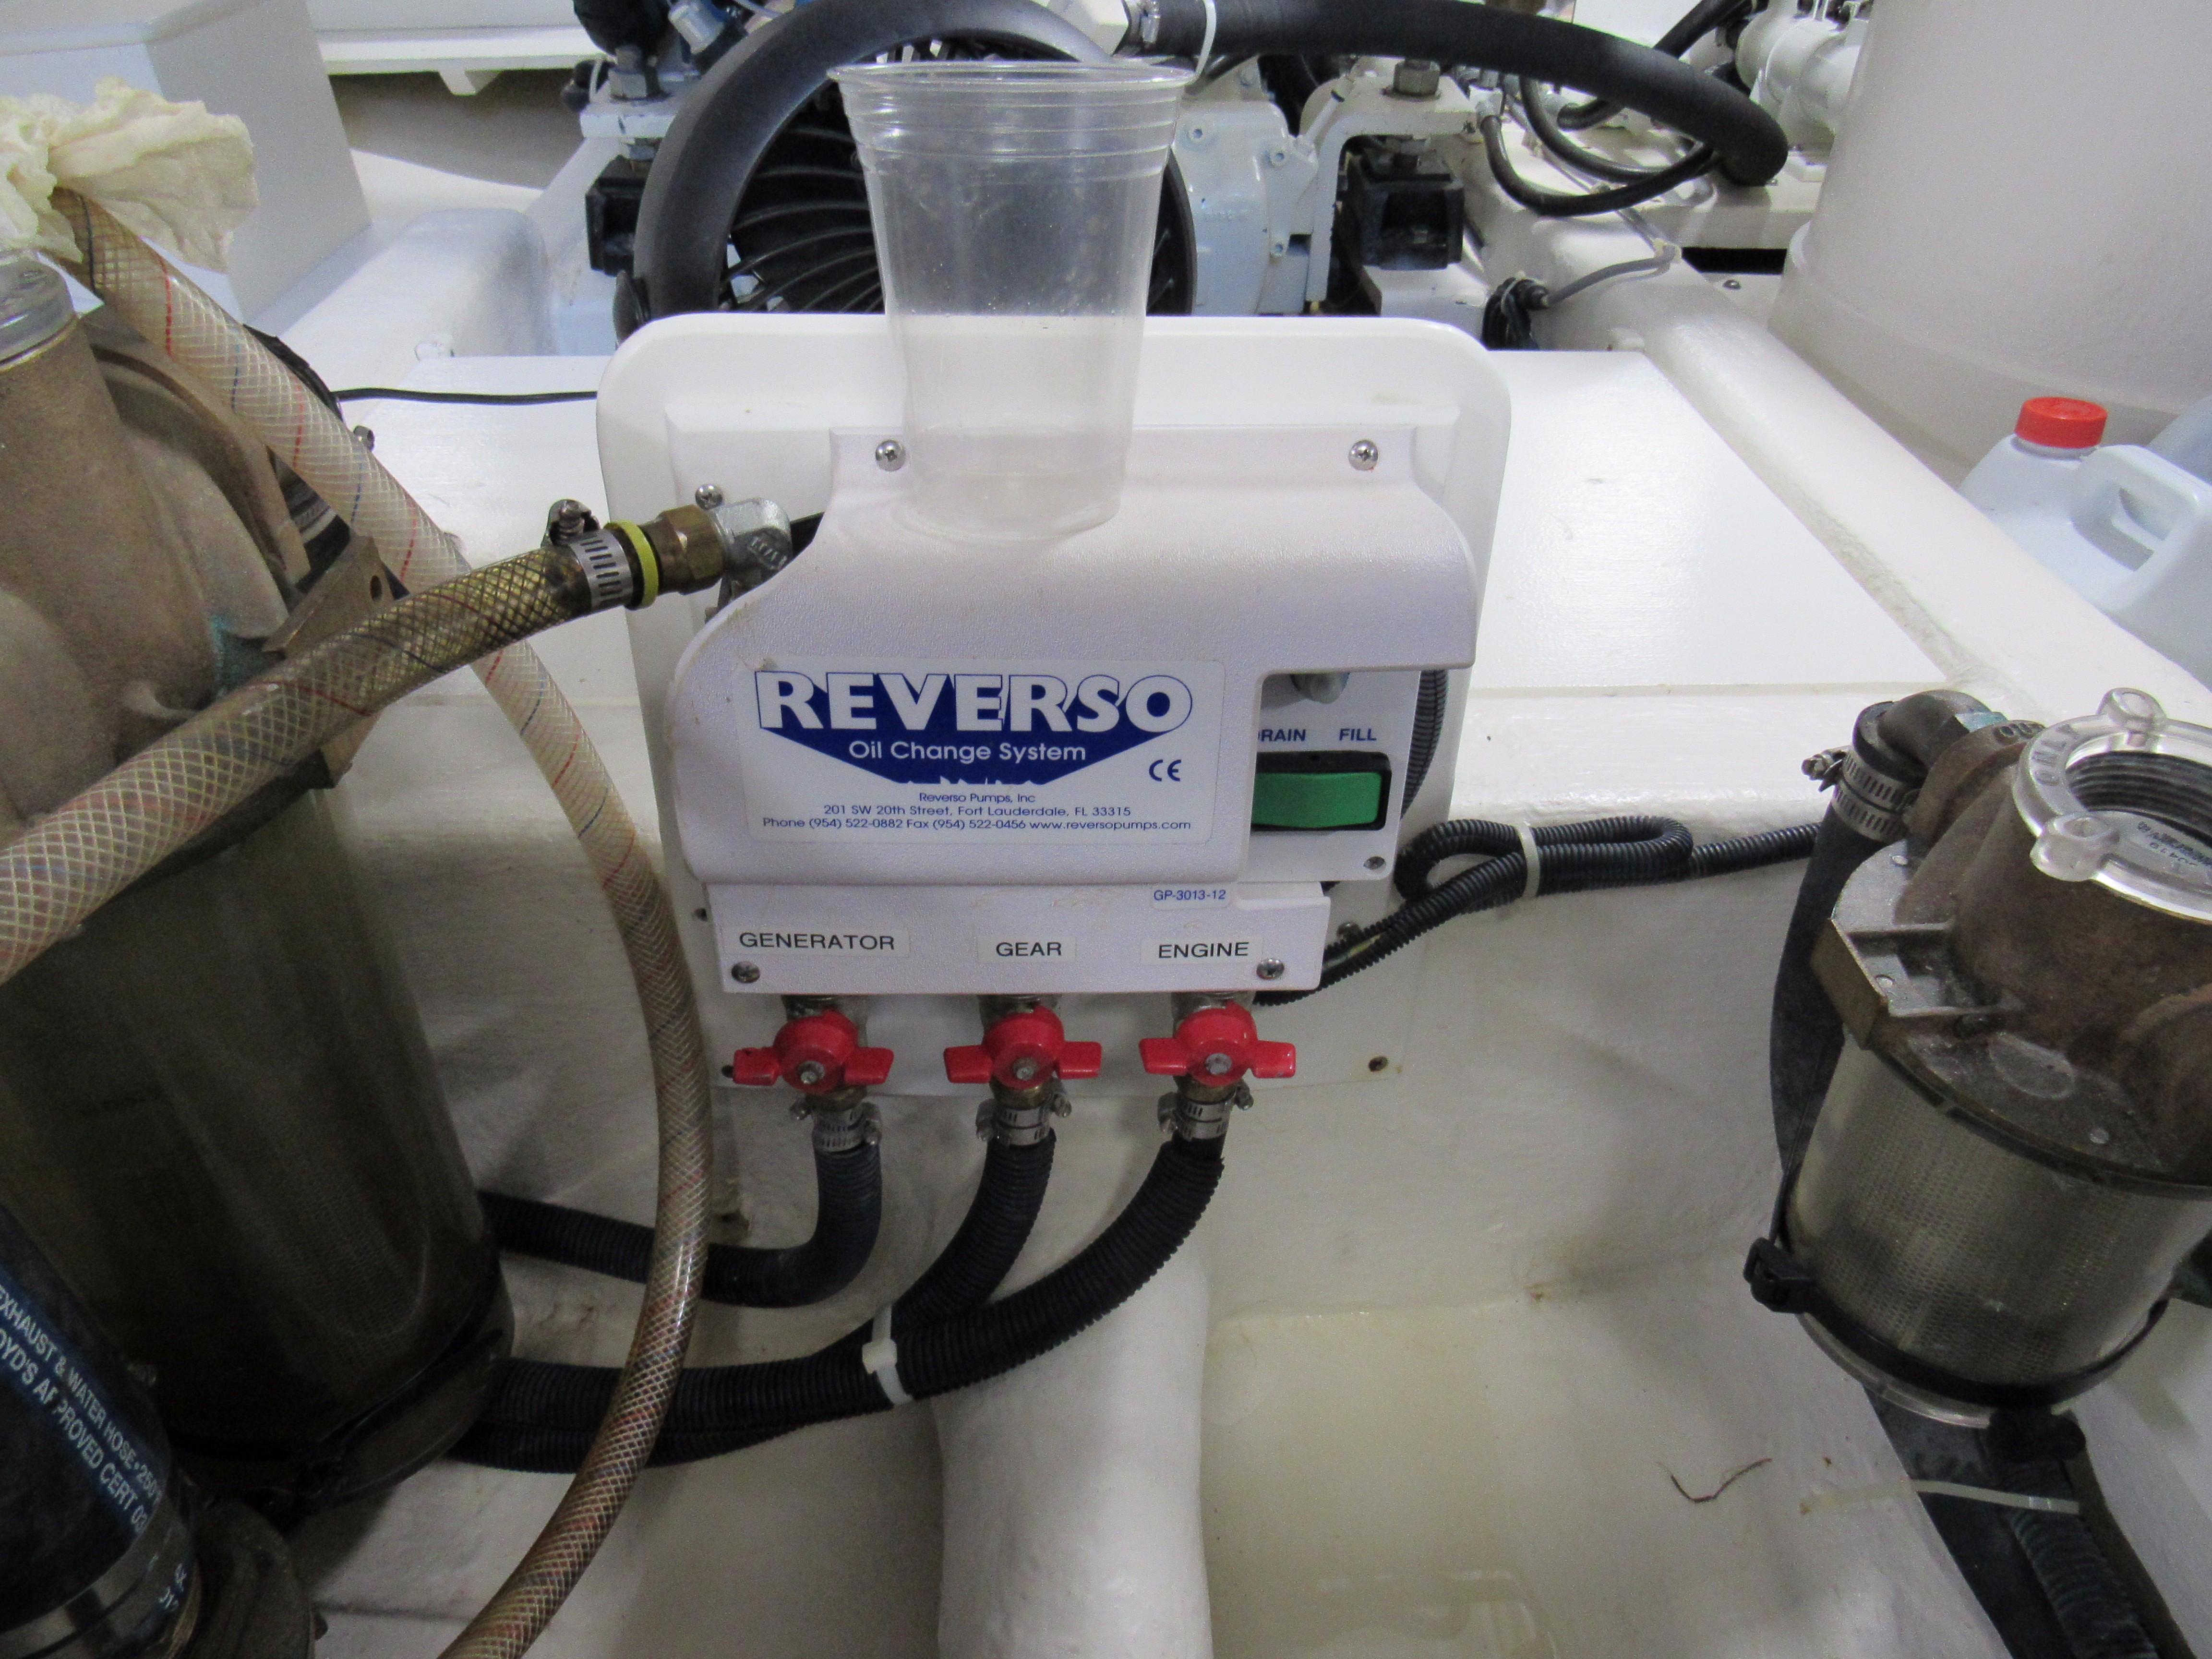 Oil Change System